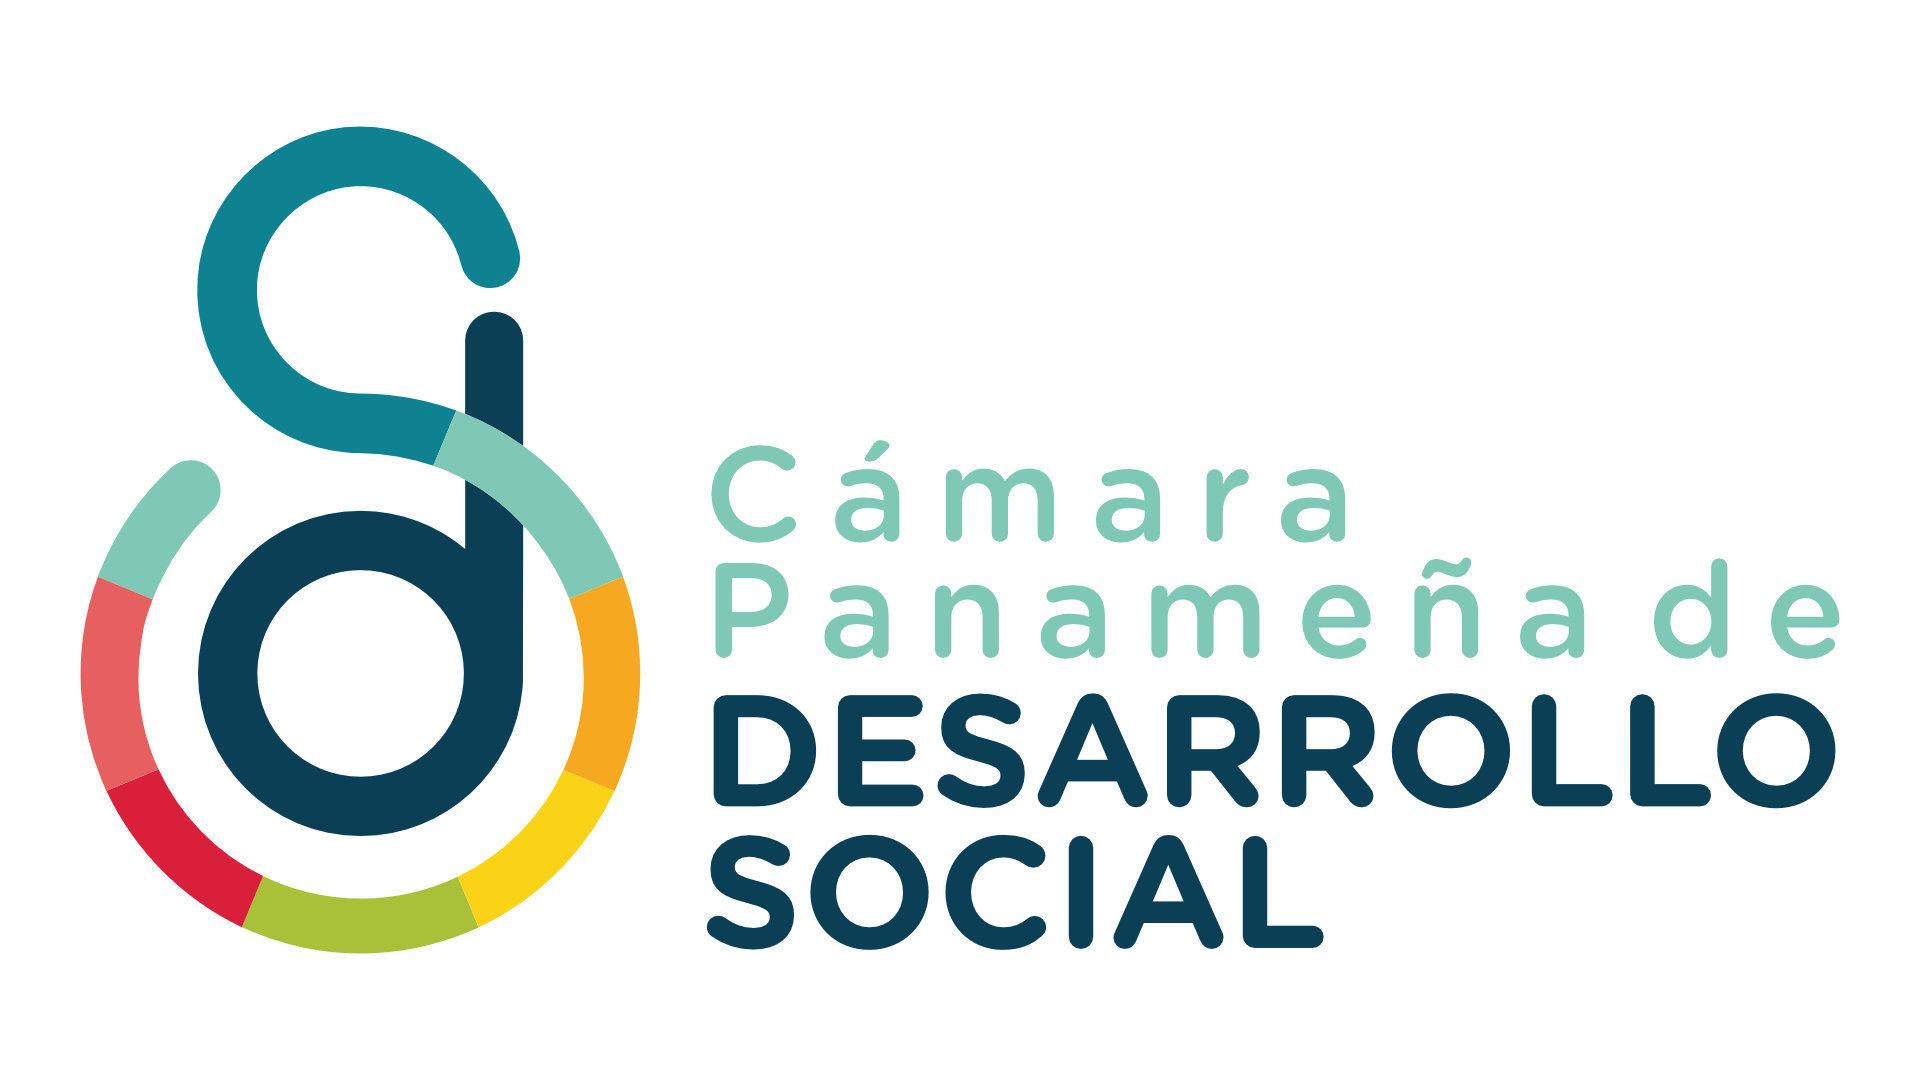 Cámara Panameña de Desarrollo Social